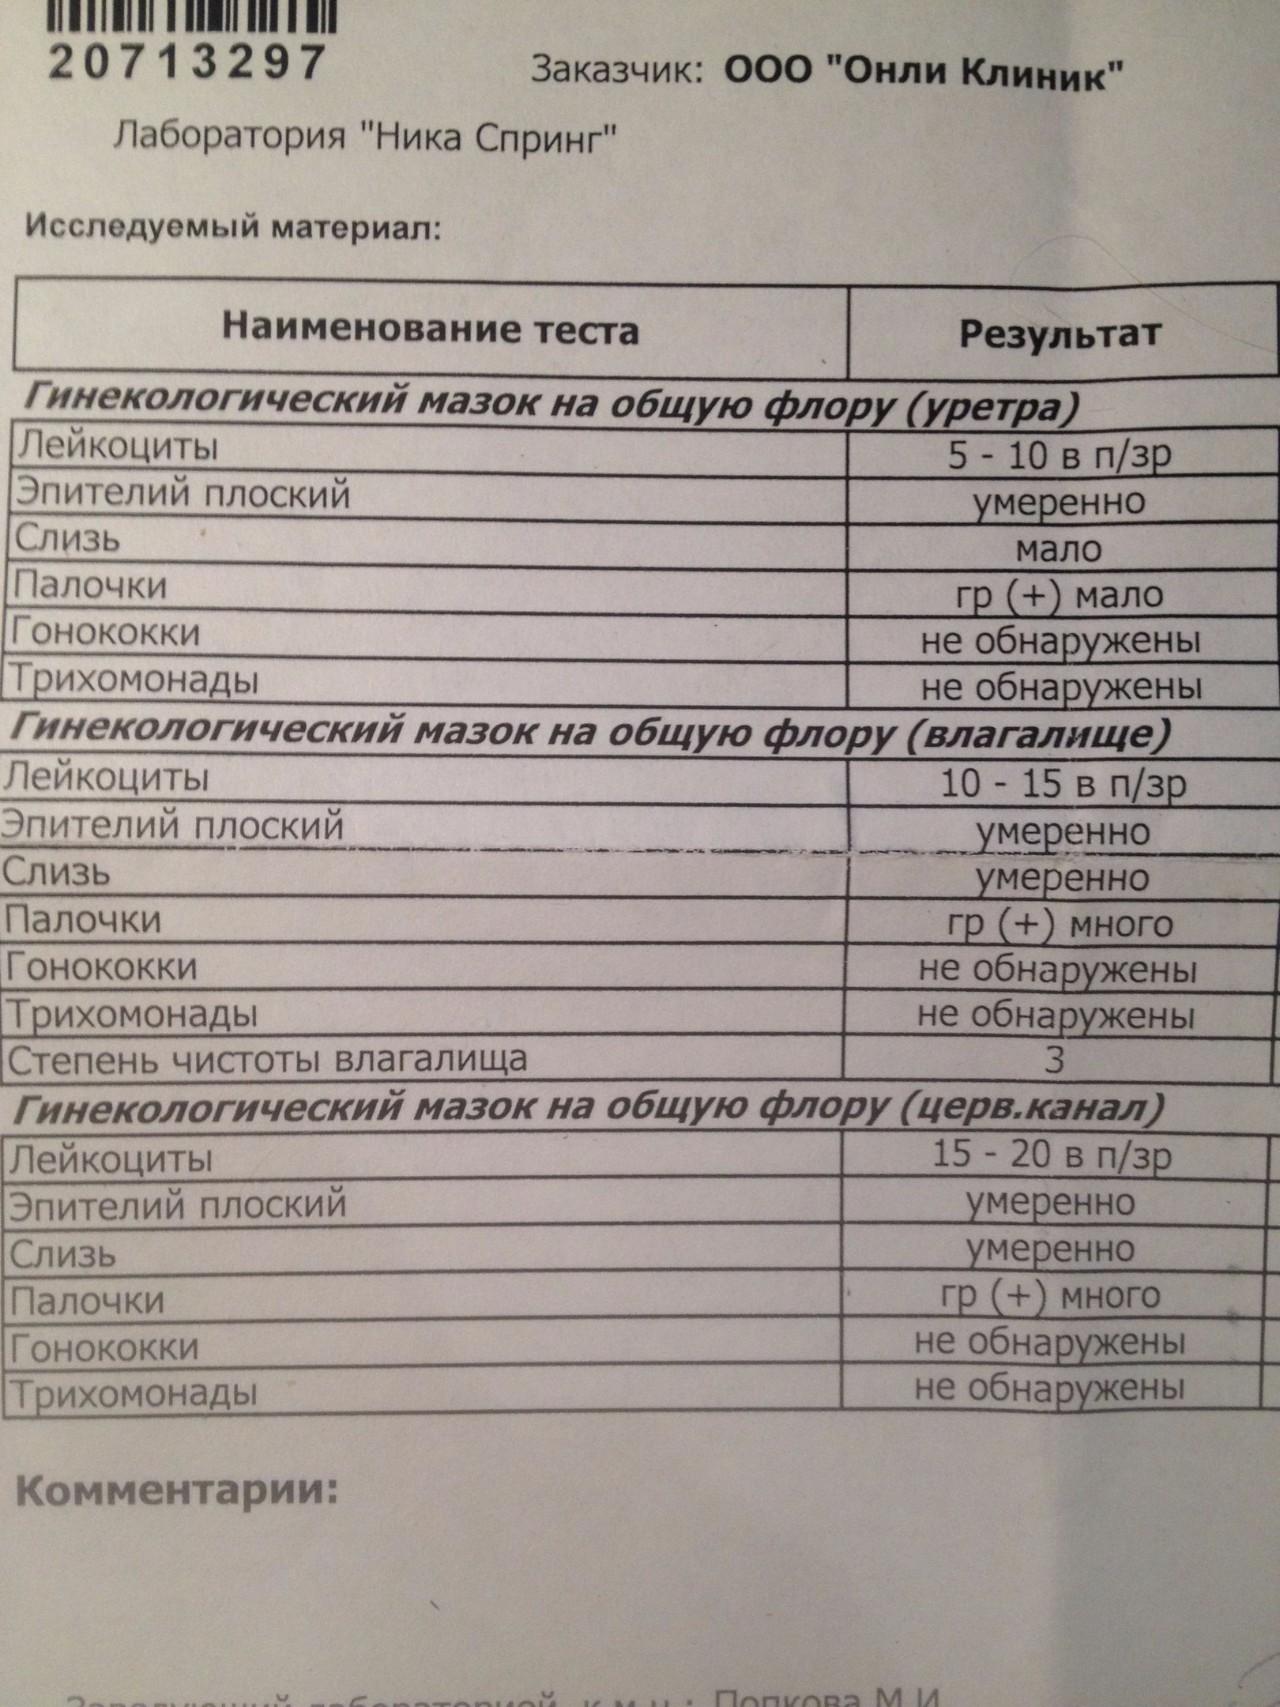 Норма лейкоцитов в вагине